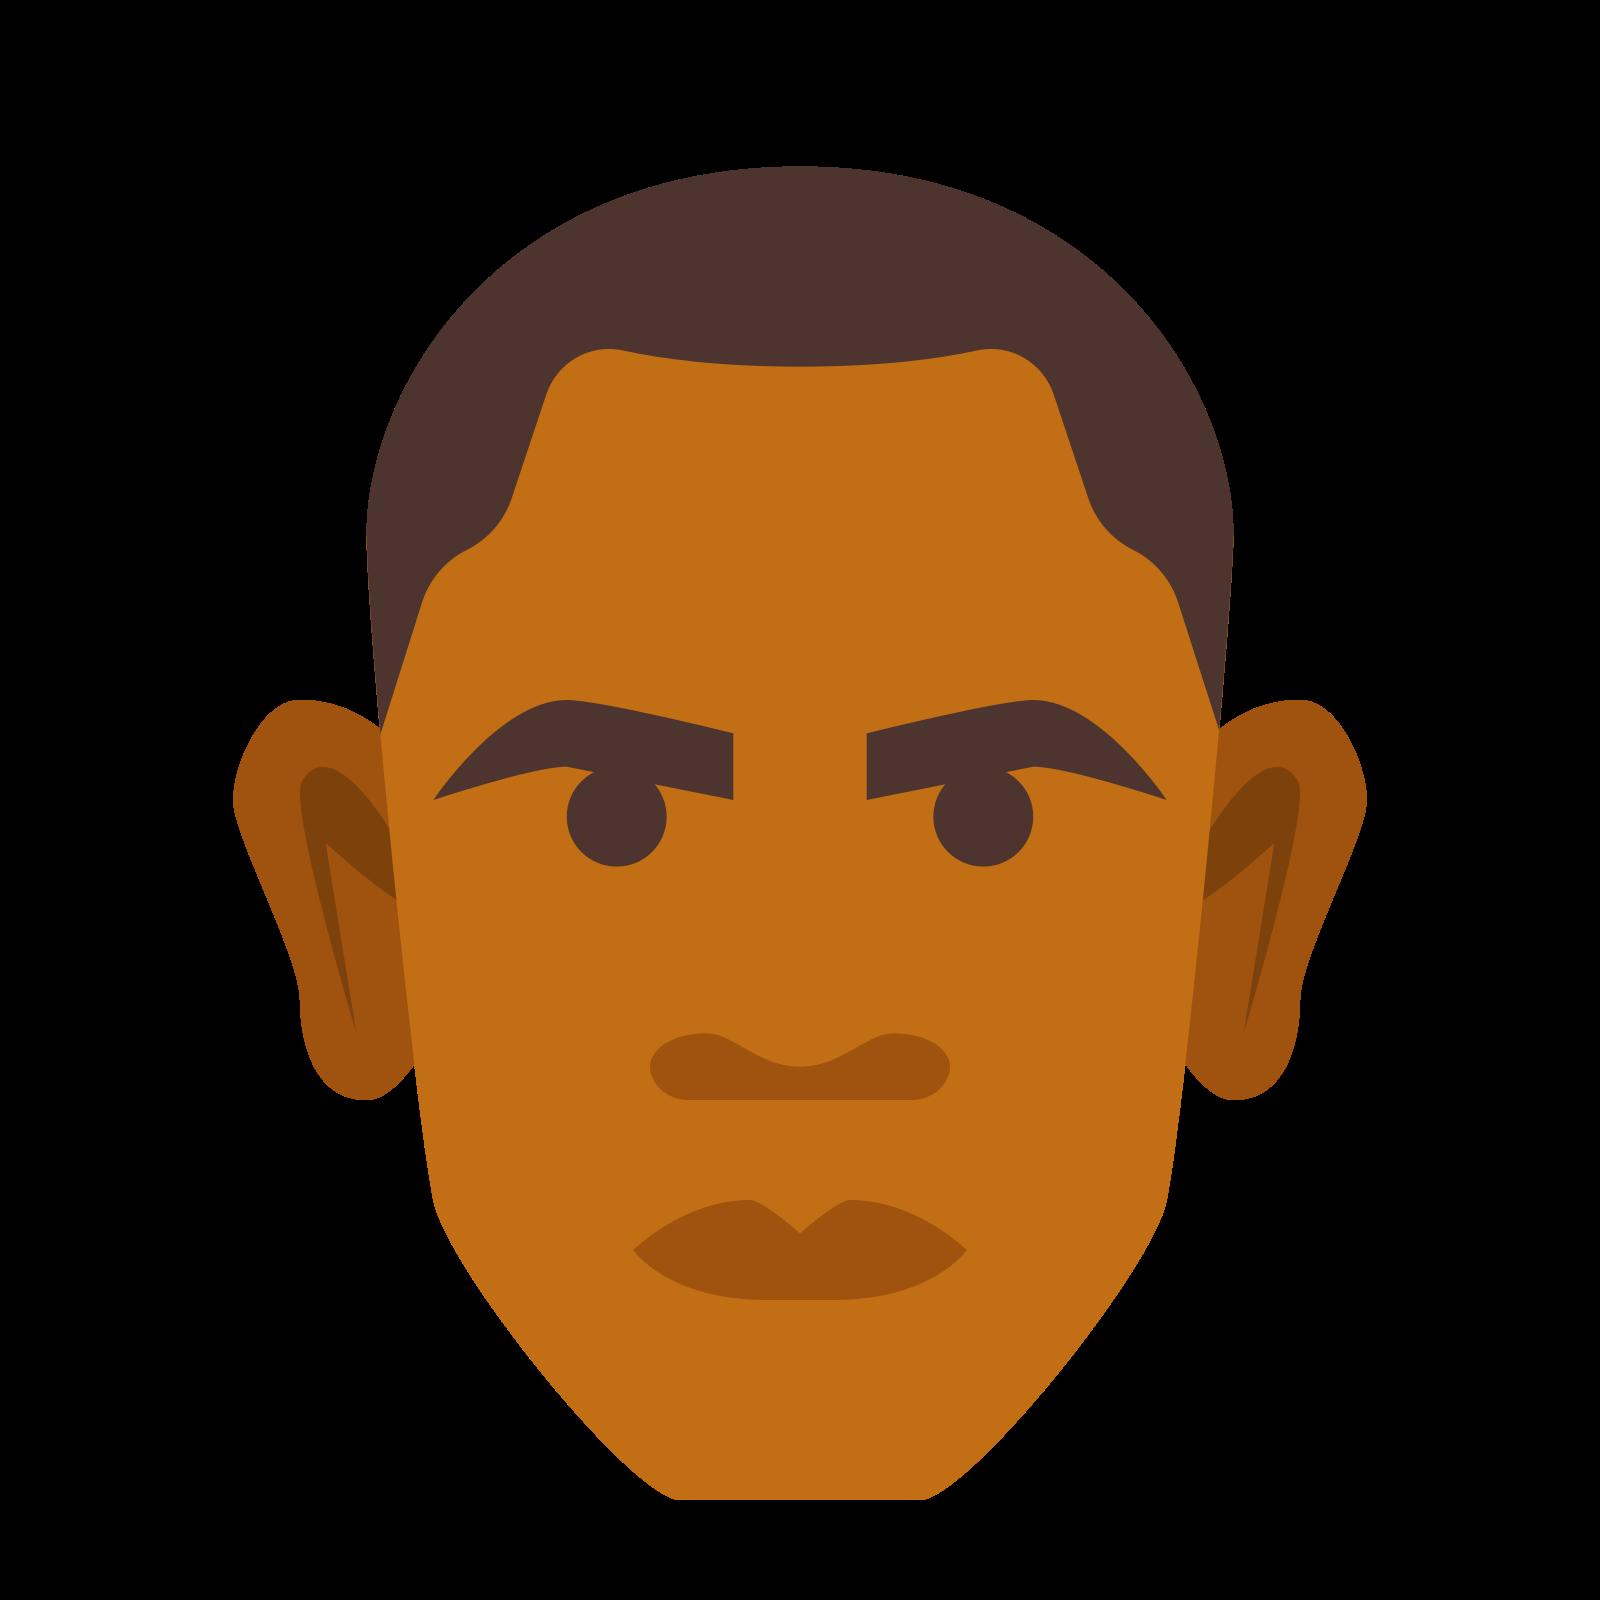 Barack Obama icon